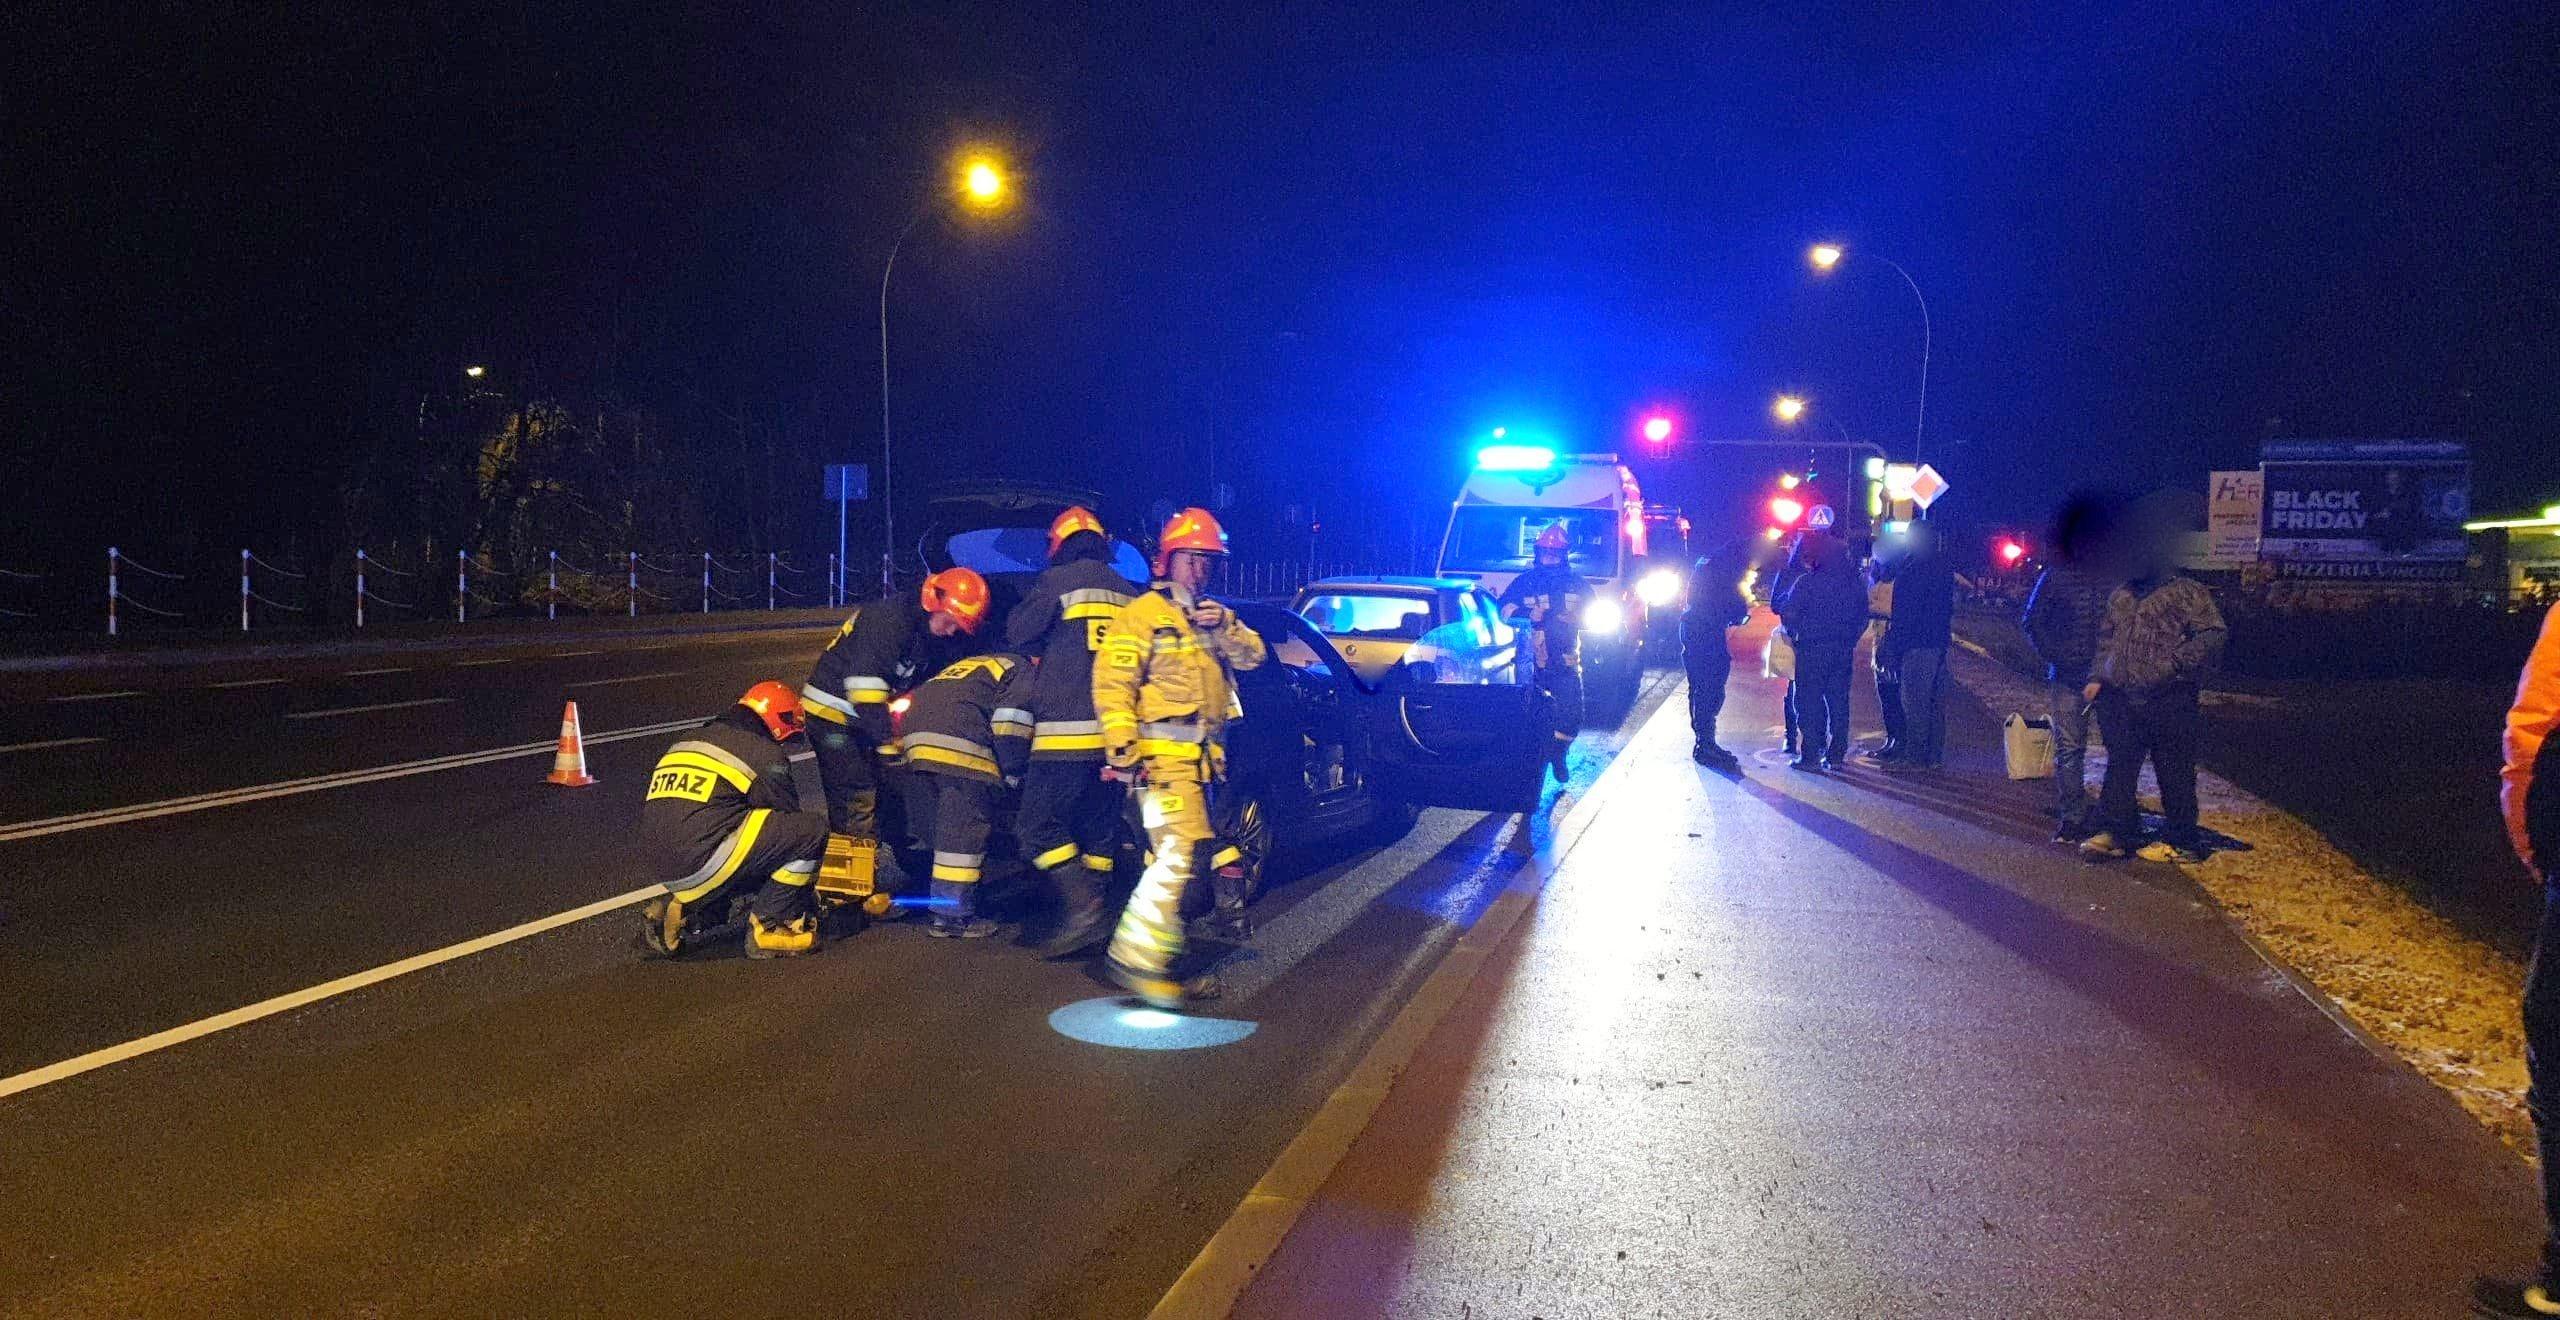 Z OSTATNIEJ CHWILI: Agresywny, pijany kierowca spowodował kolizję na Krakowskiej [ZDJĘCIA+VIDEO] - Zdjęcie główne